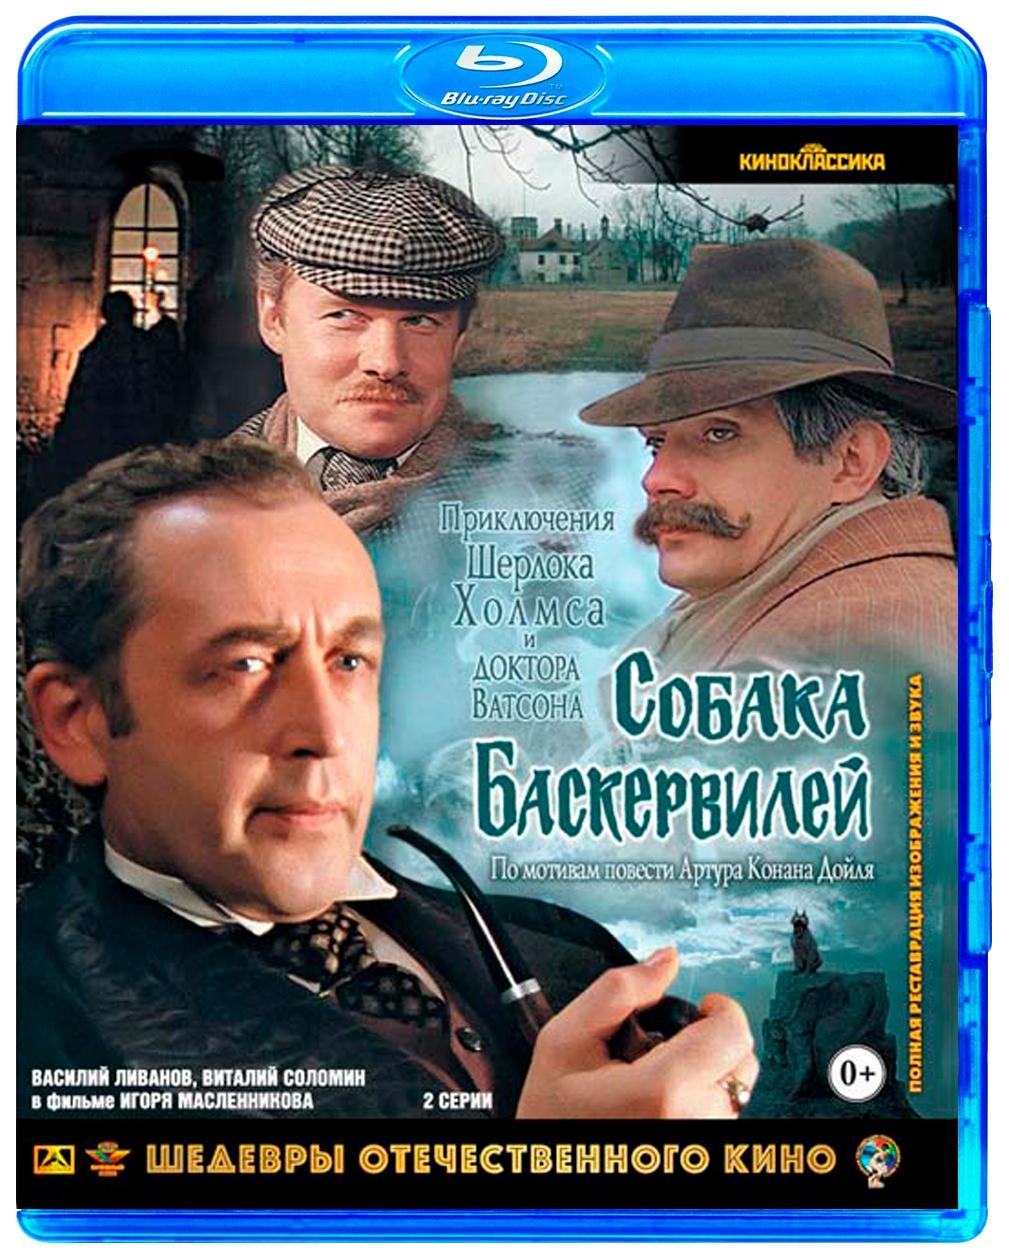 Приключения Шерлока Холмса и доктора Ватсона: Собака